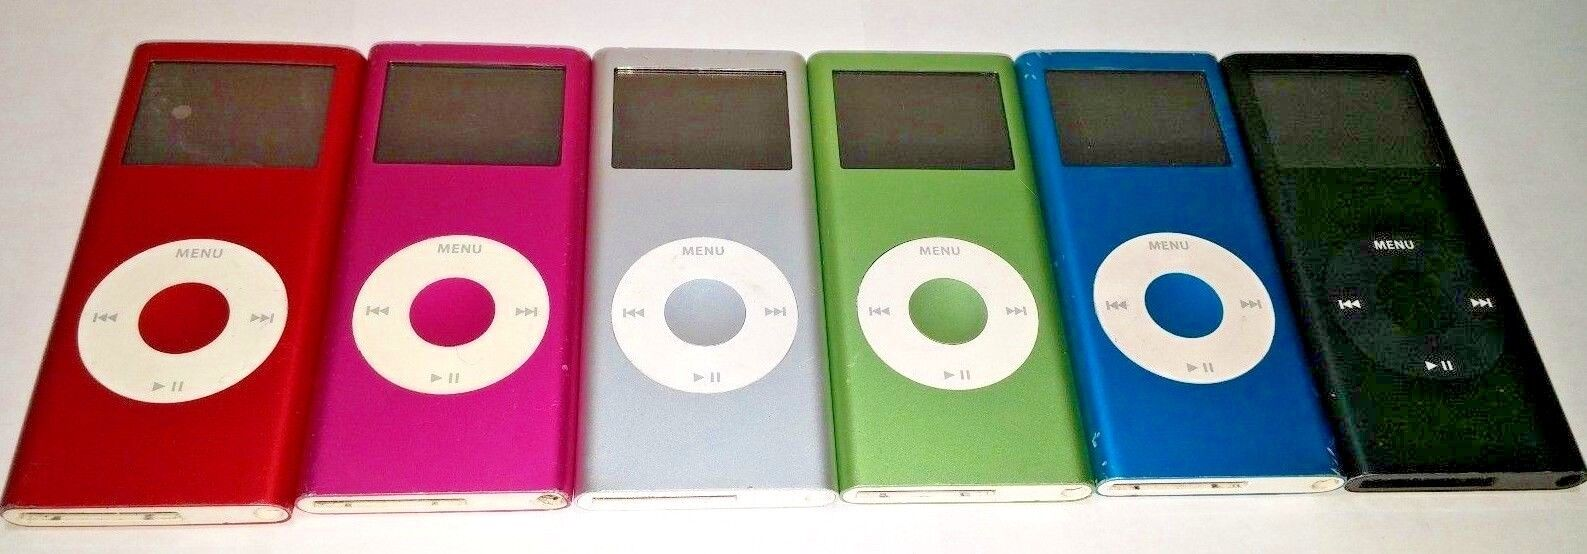 ipod nano 2nd generation - 1587×554